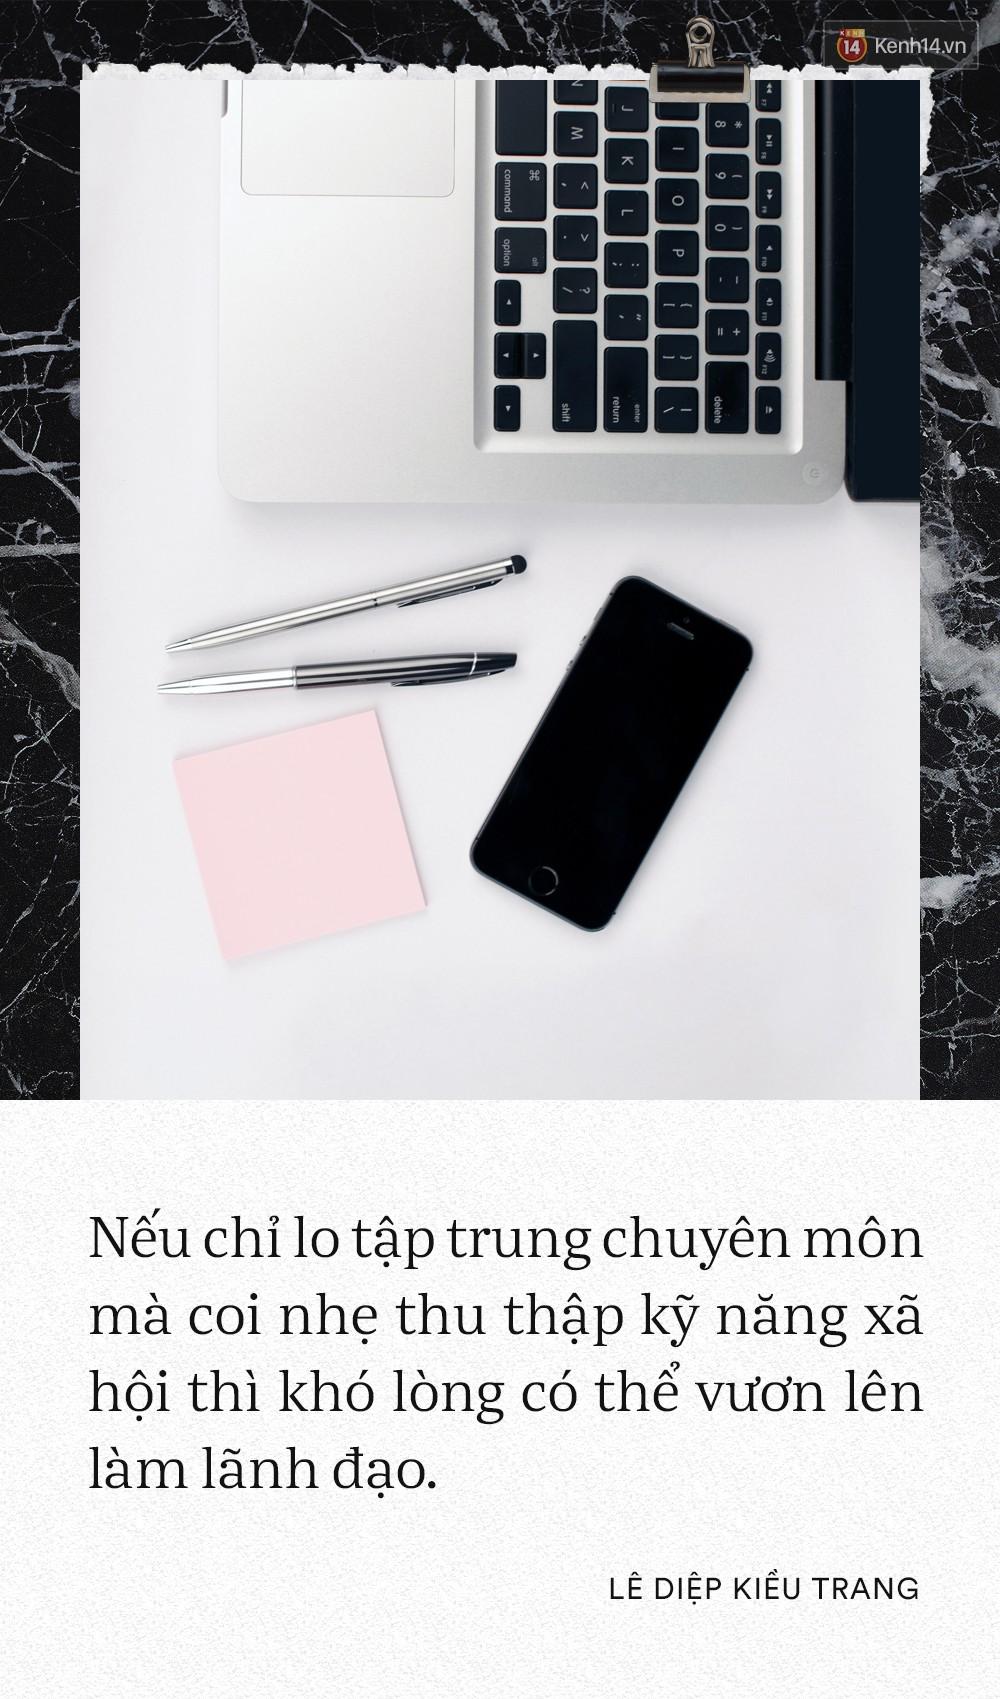 Giám đốc Facebook Việt Nam Lê Diệp Kiều Trang: Học giỏi không có nghĩa là làm việc giỏi 8